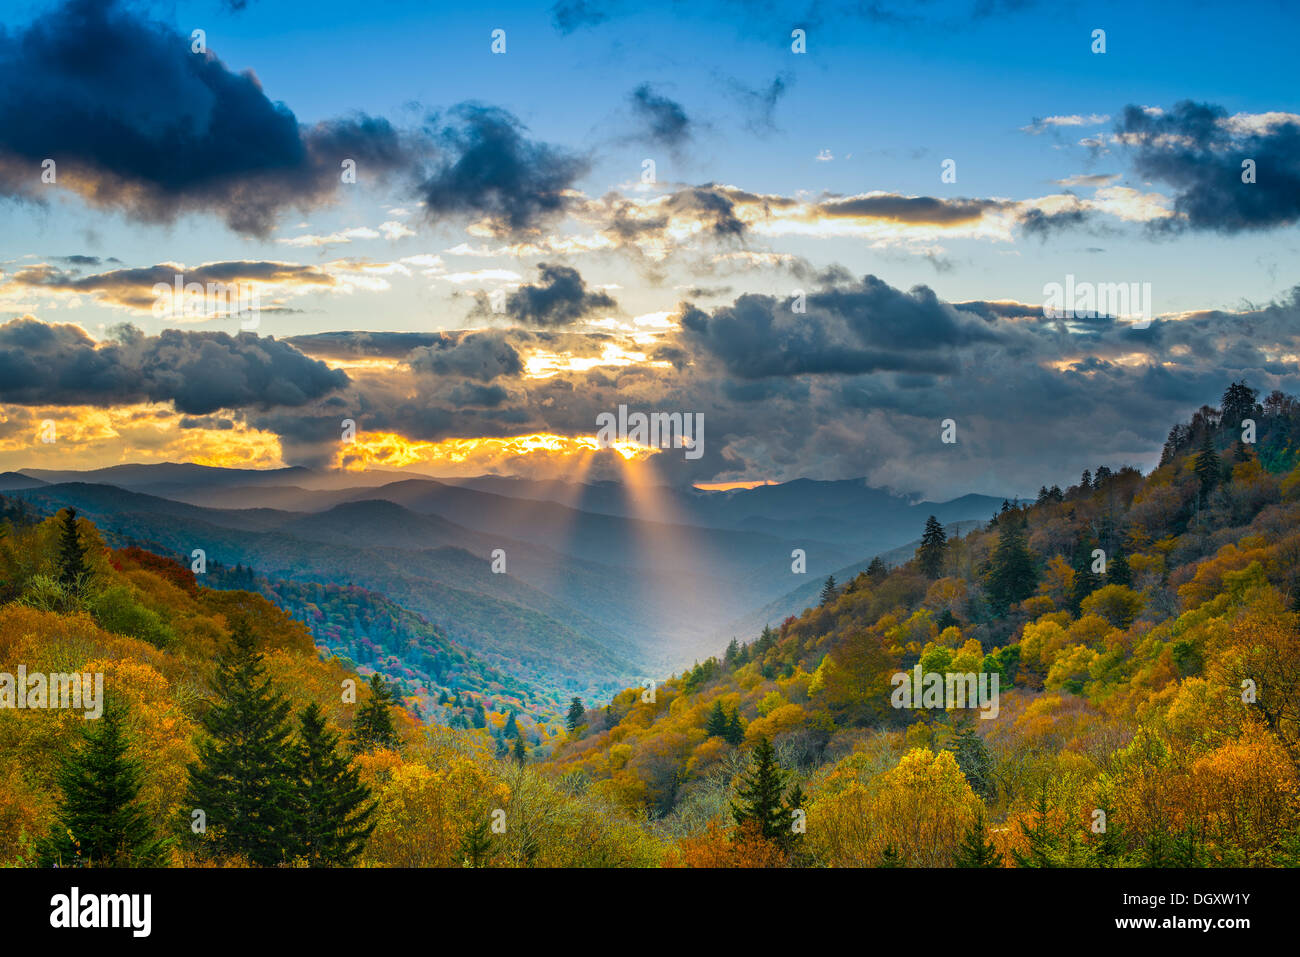 Amanecer de otoño en el Parque Nacional de las Montañas Humeantes. Imagen De Stock